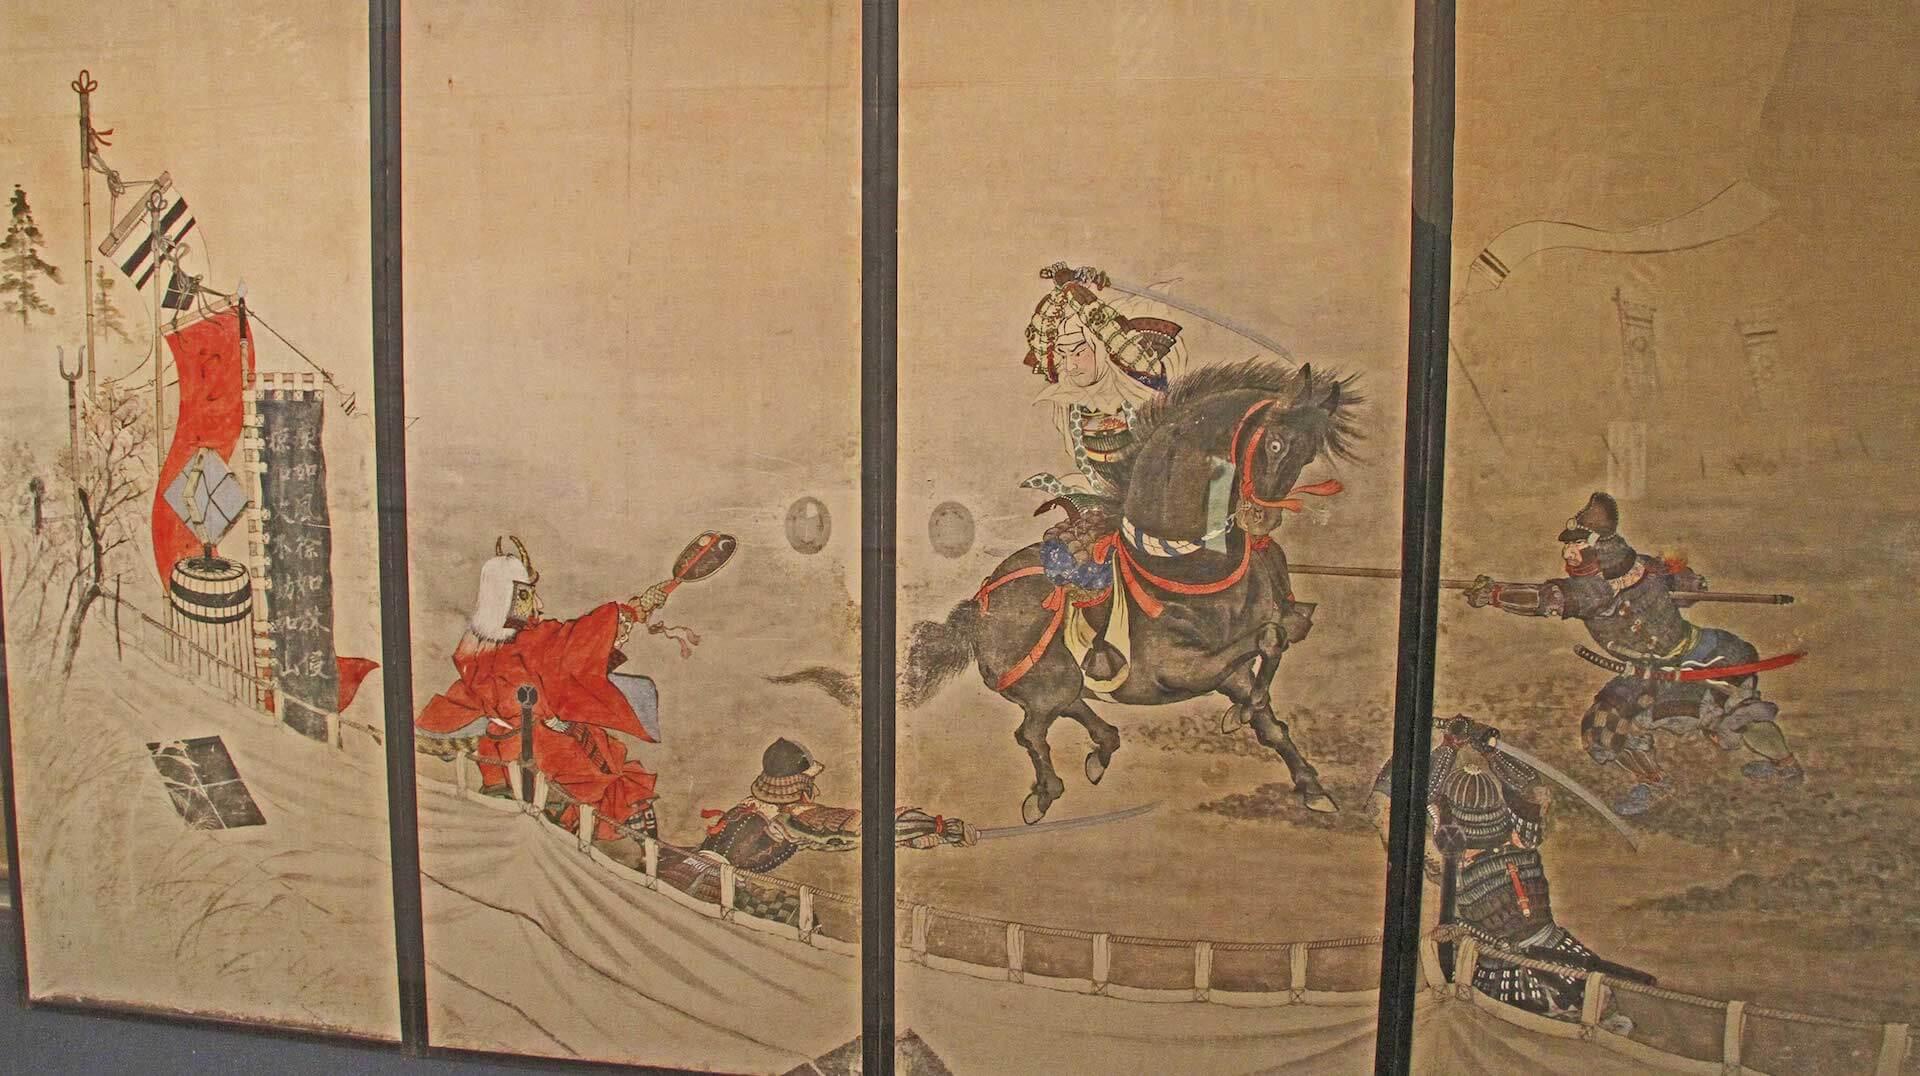 Ikkiuchi Takeda Shingen contra Uesugi Kenshin